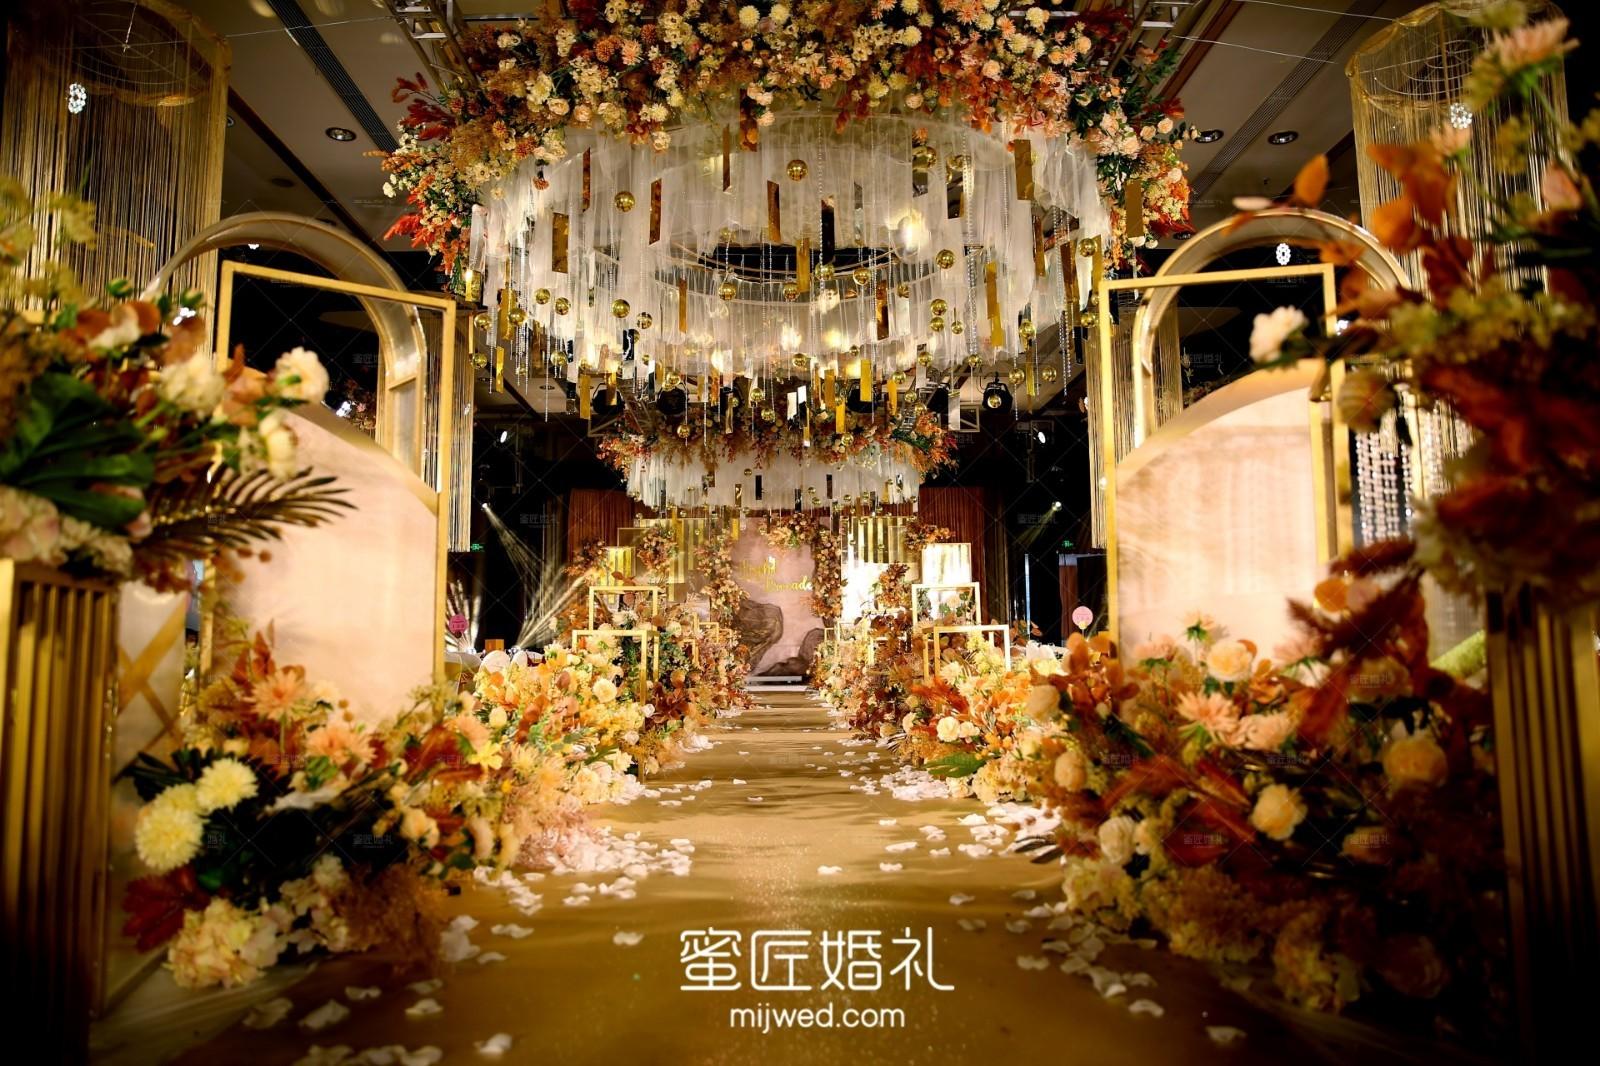 纯真的婚礼签到台如何布置 纯真婚礼签到台布置技巧